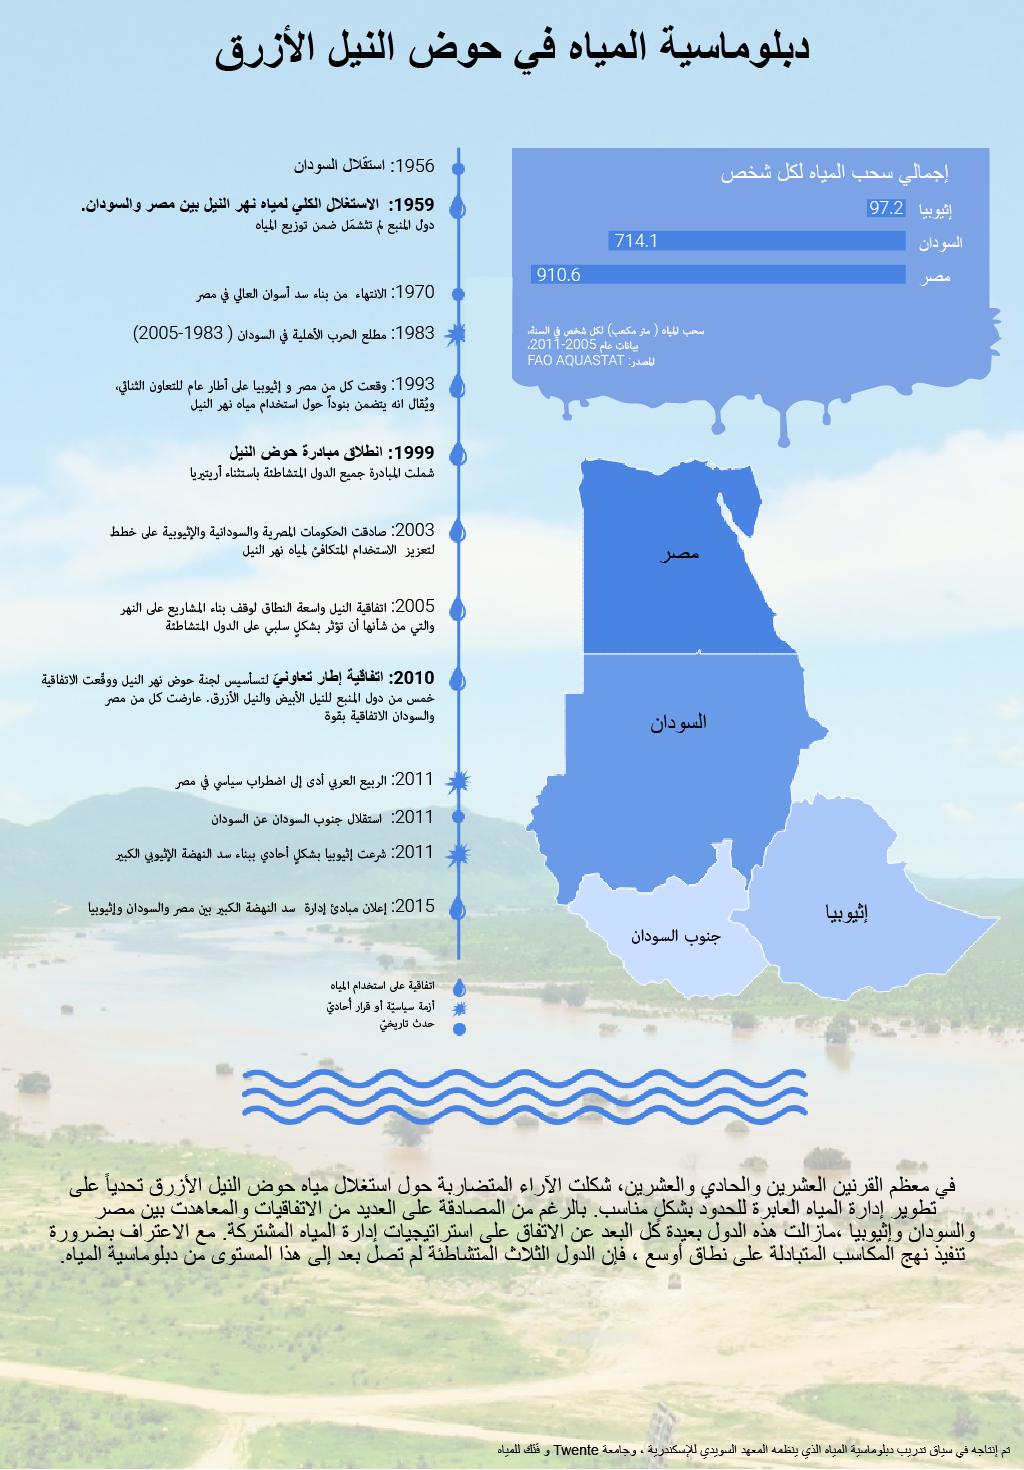 نهر النيل الأزرق